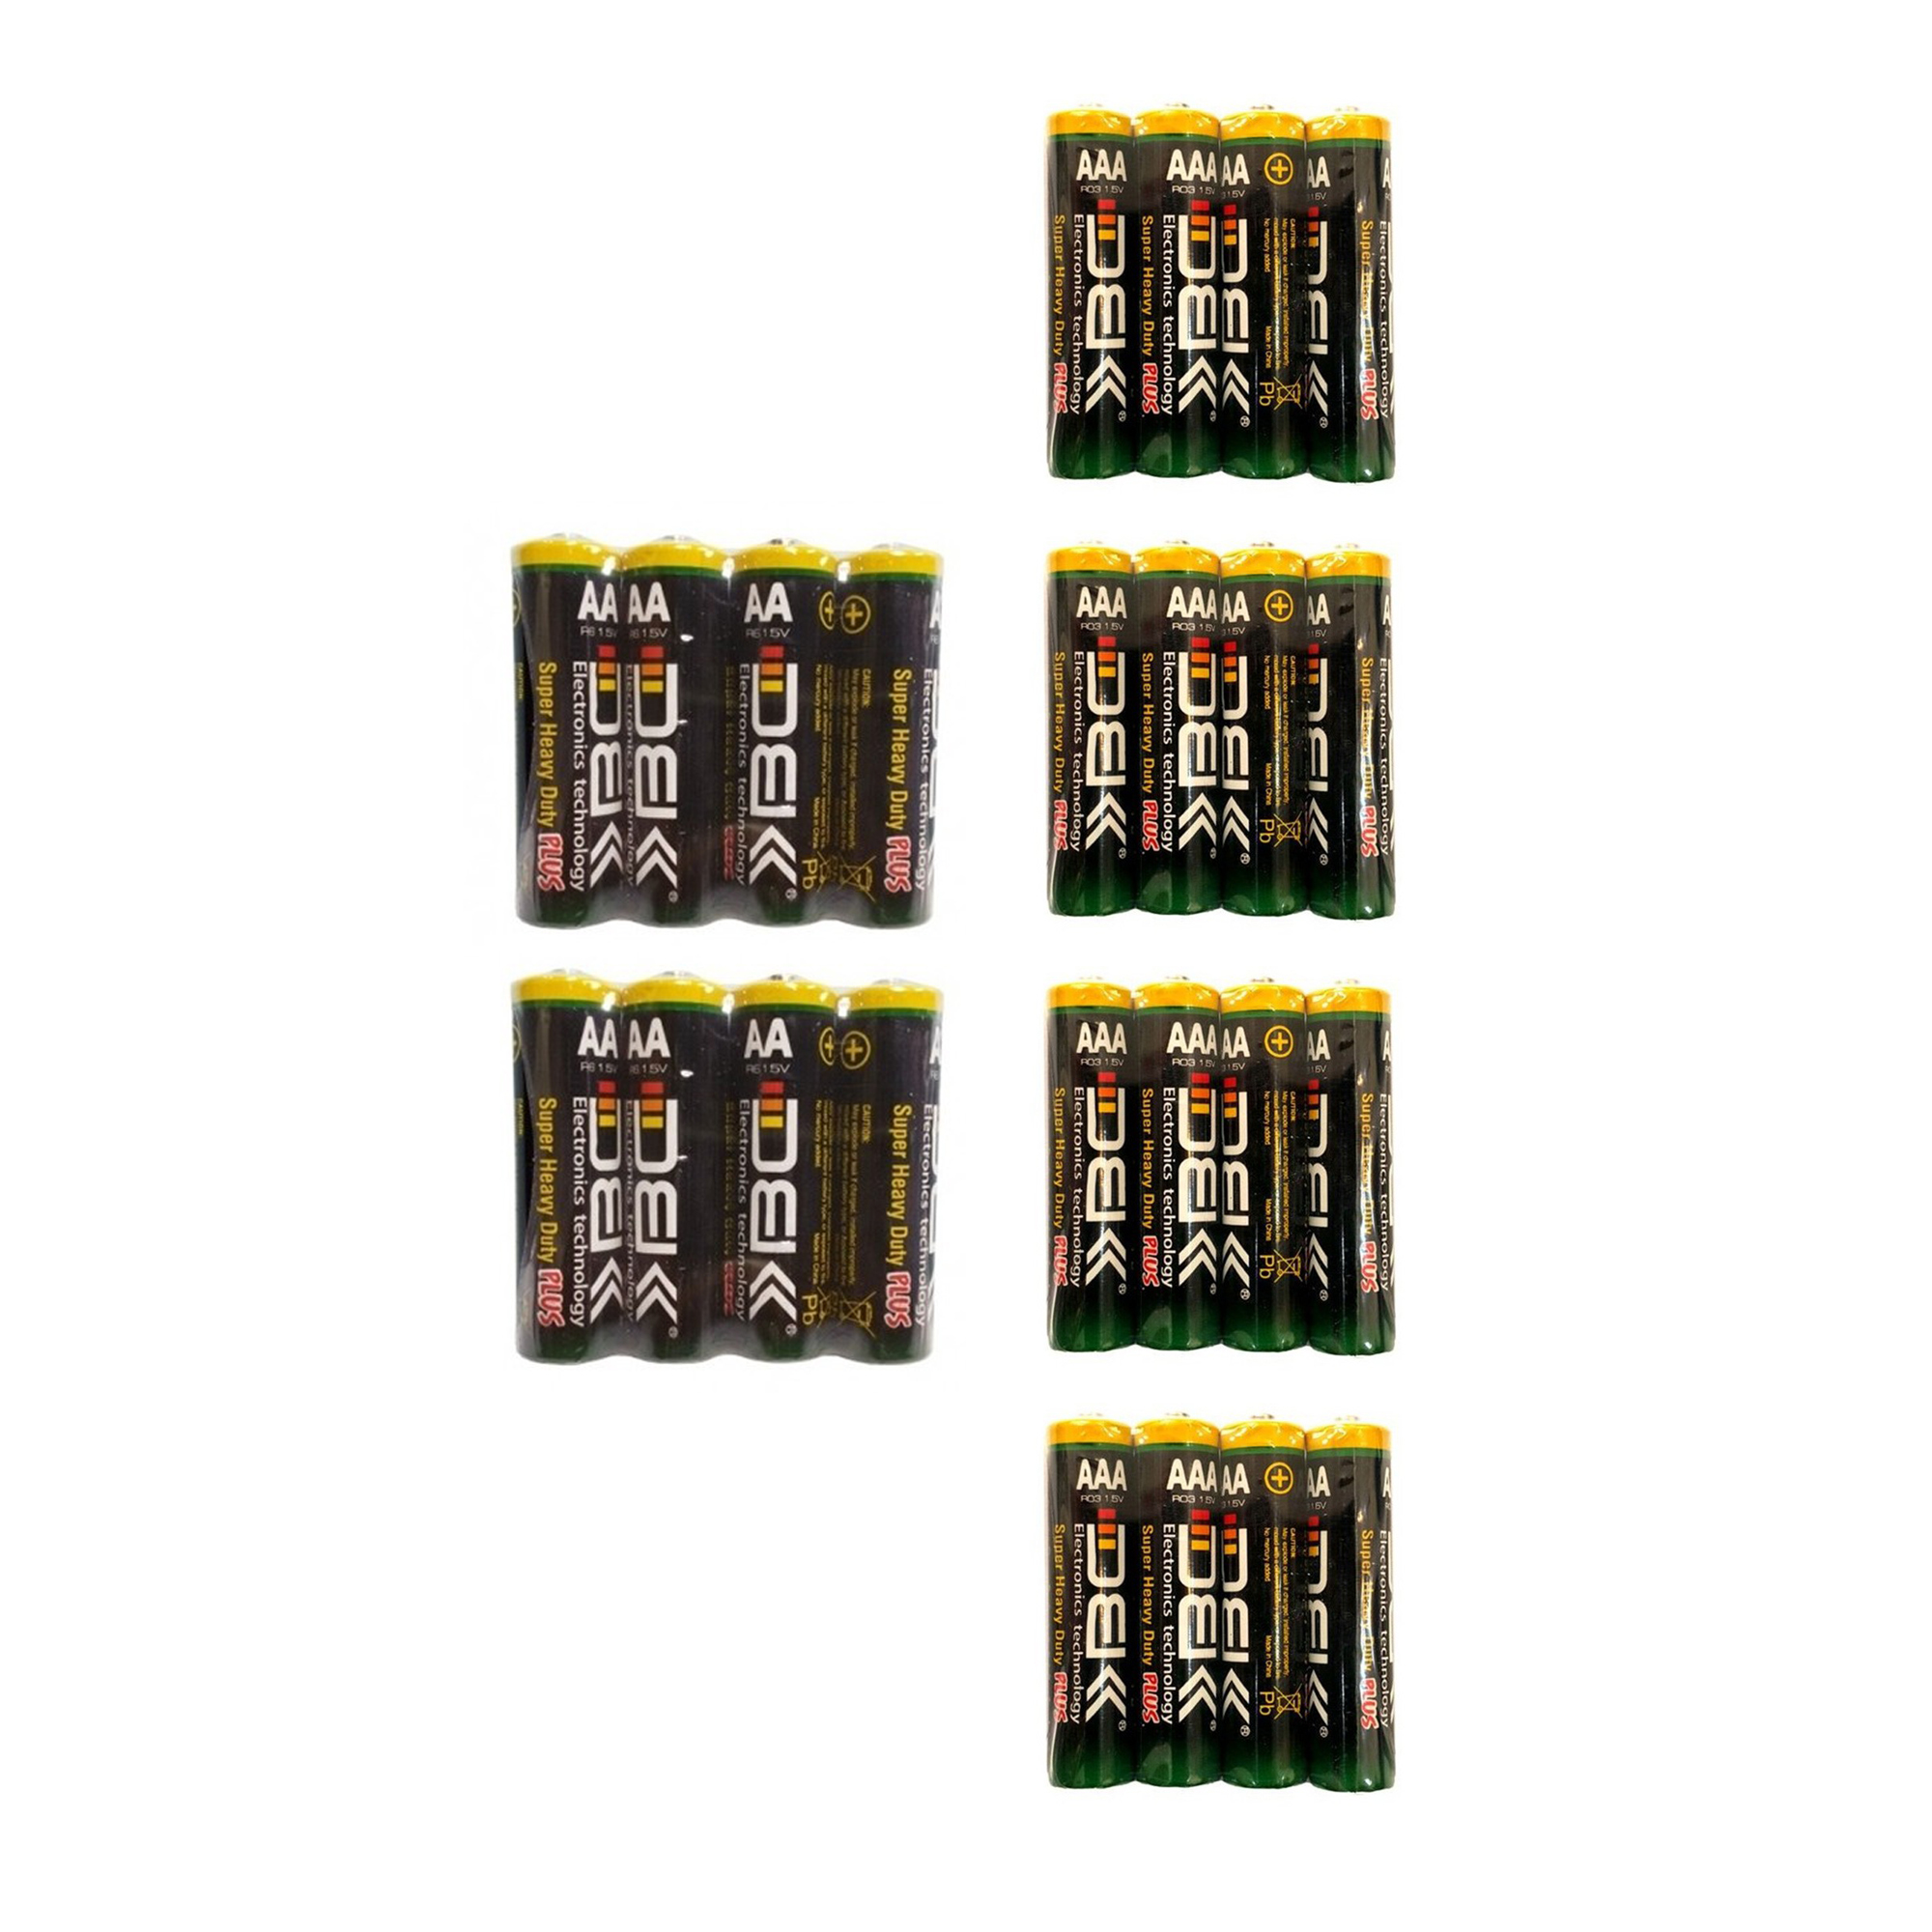 بررسی و {خرید با تخفیف} باتری قلمی و نیم قلمی دی بی کی مدل Super Heavy Duty Plus بسته 24 عددی اصل